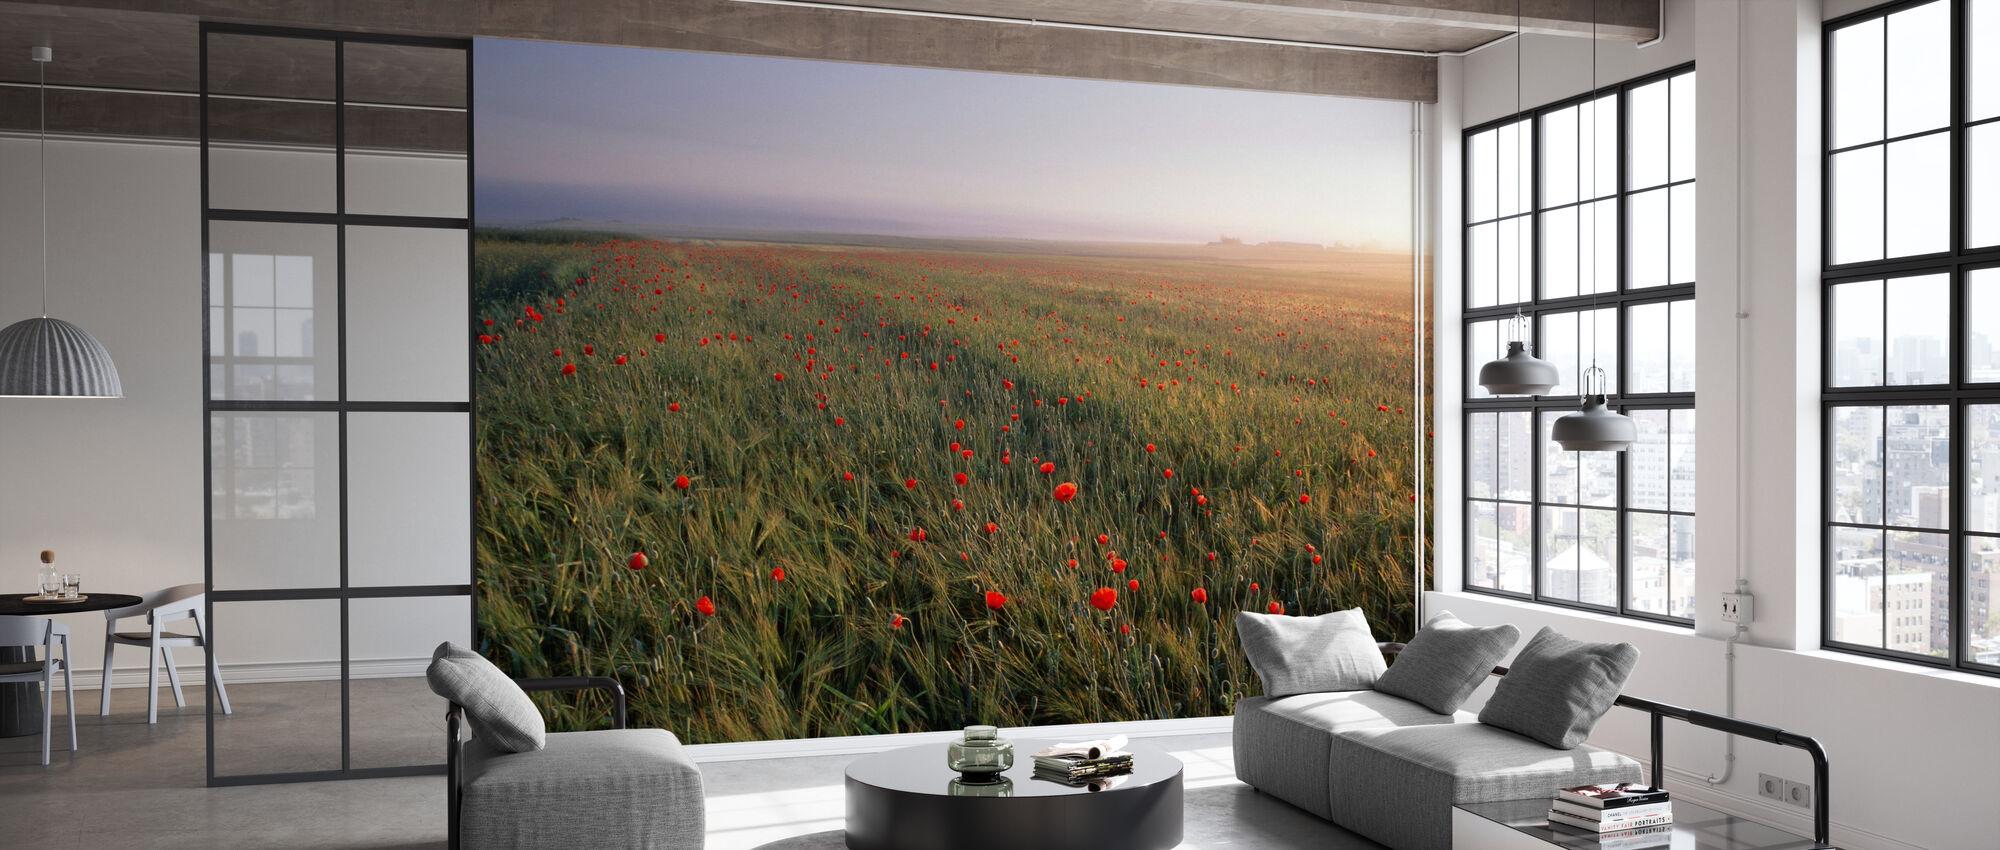 Dreamy Fields of Poppies - Wallpaper - Office